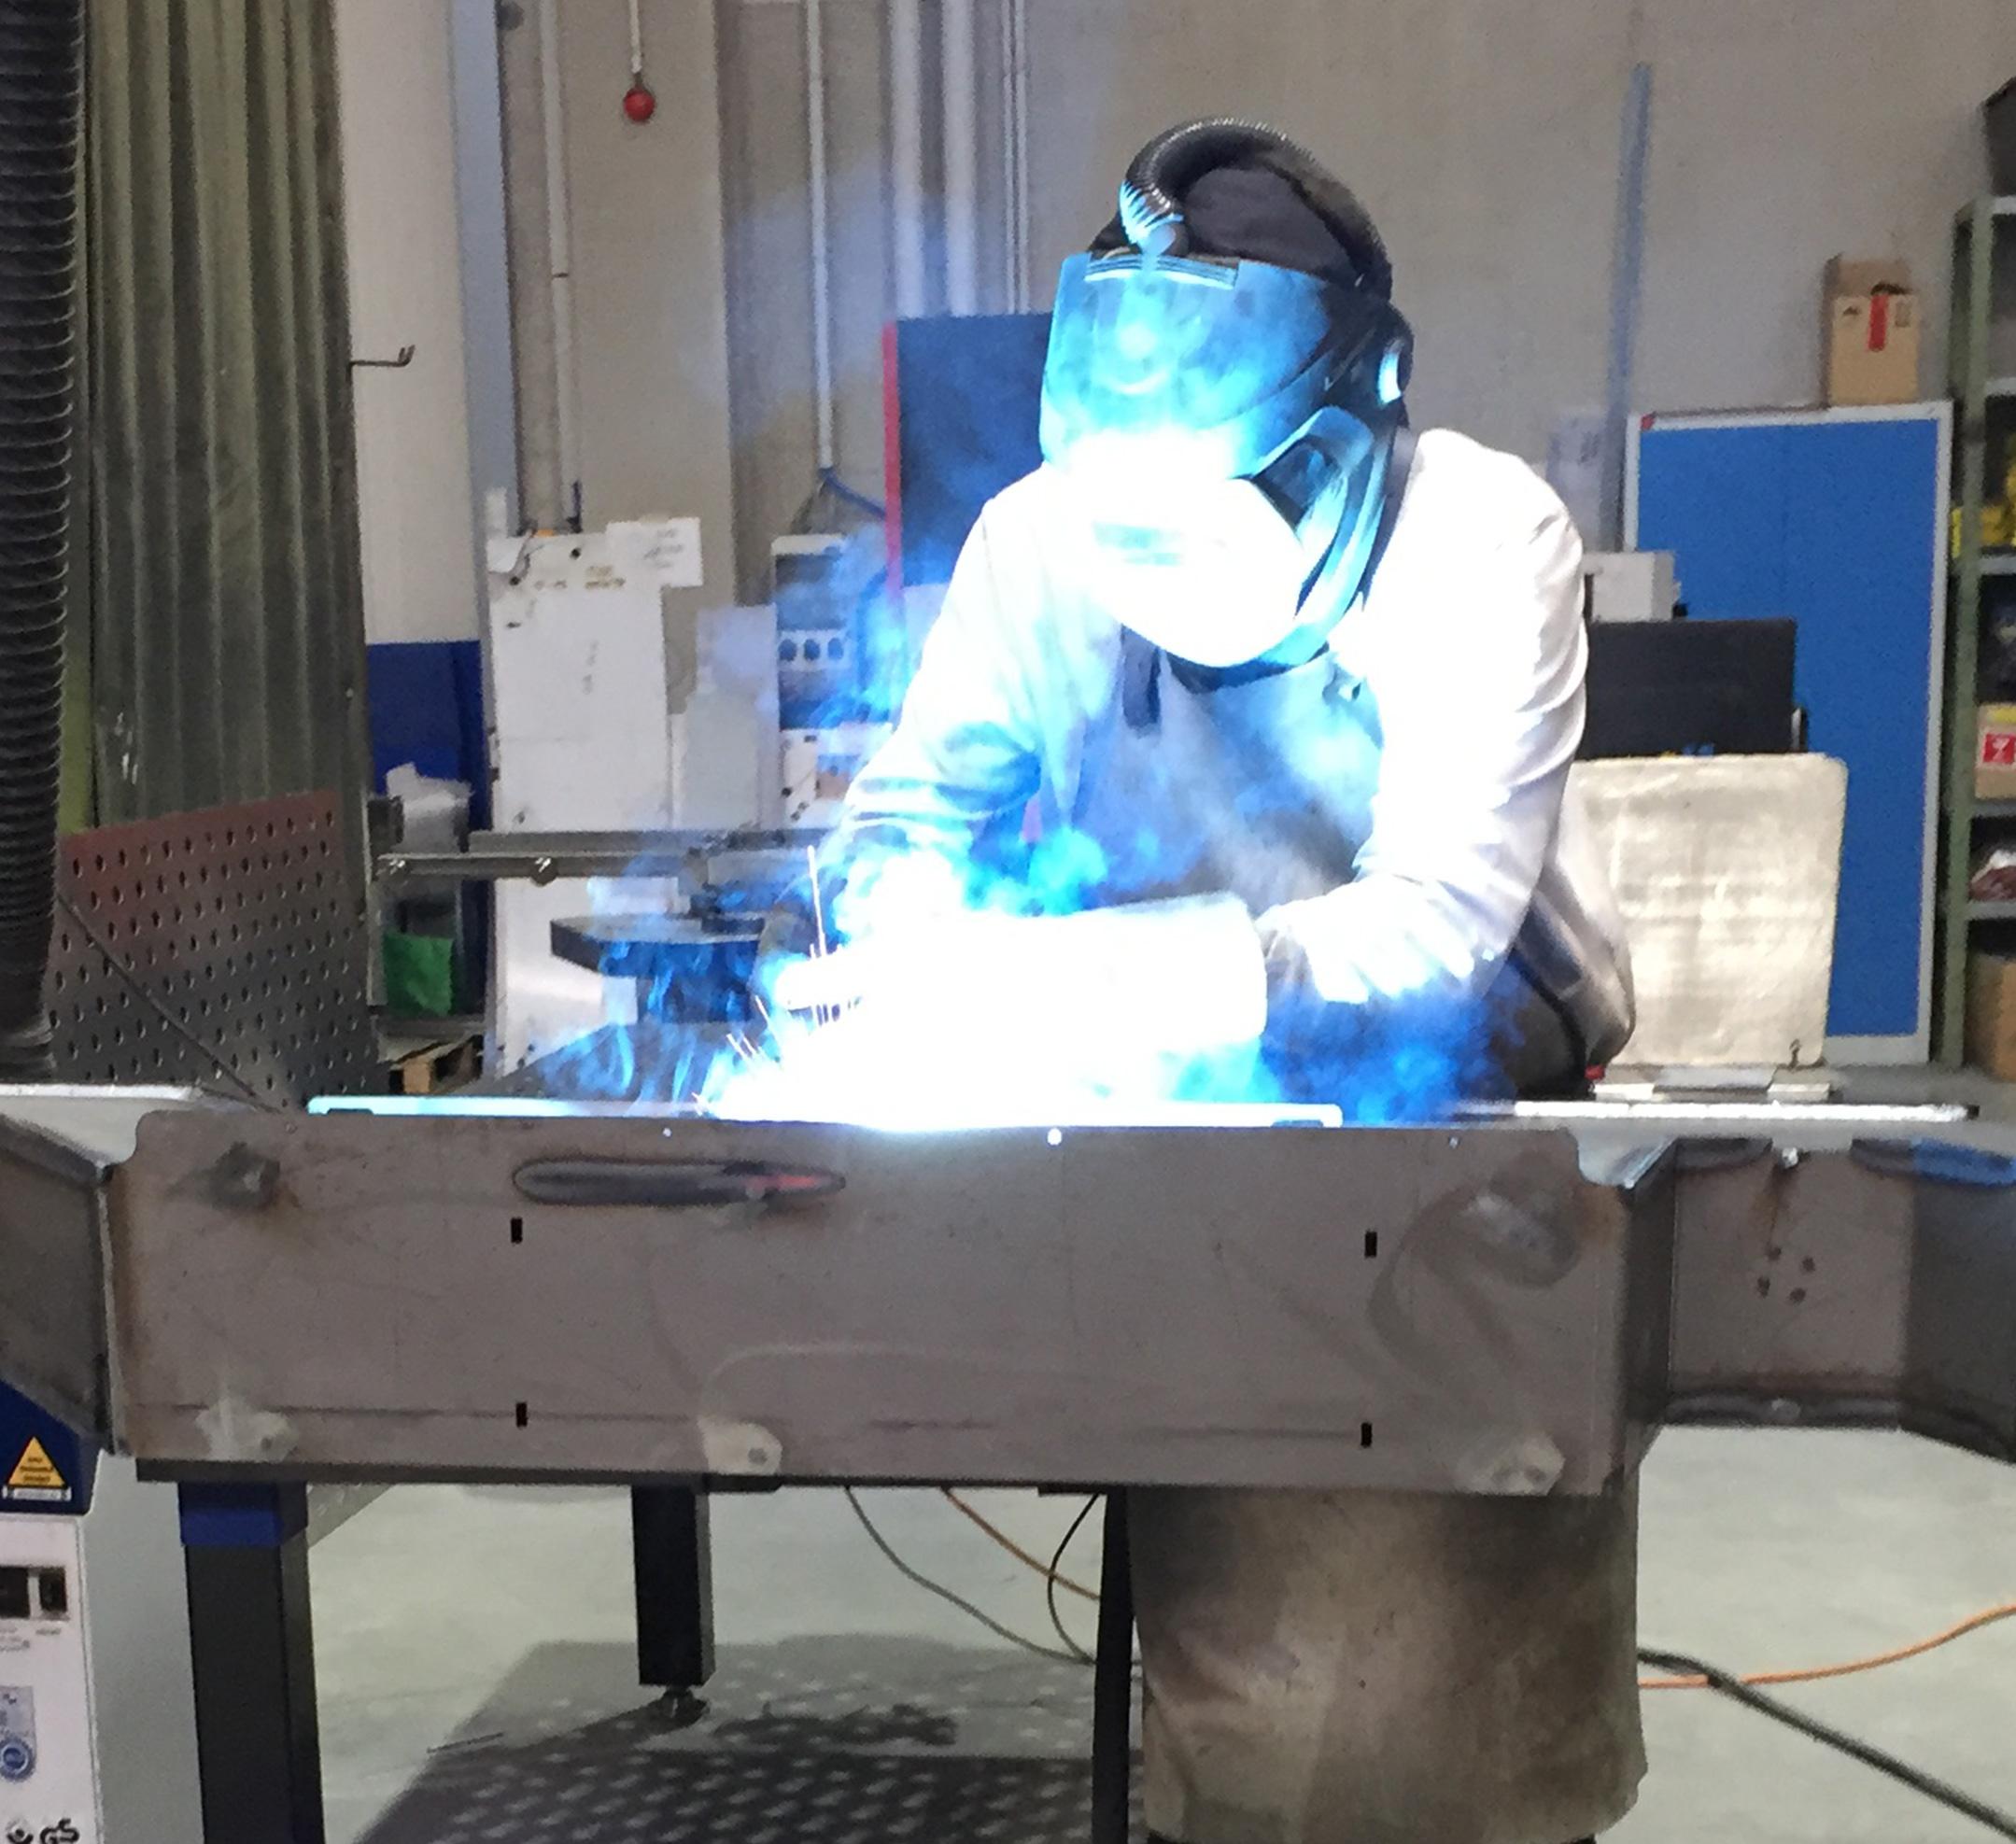 schmidbaur-blechbearbeitung-sonderkonstruktionen-3